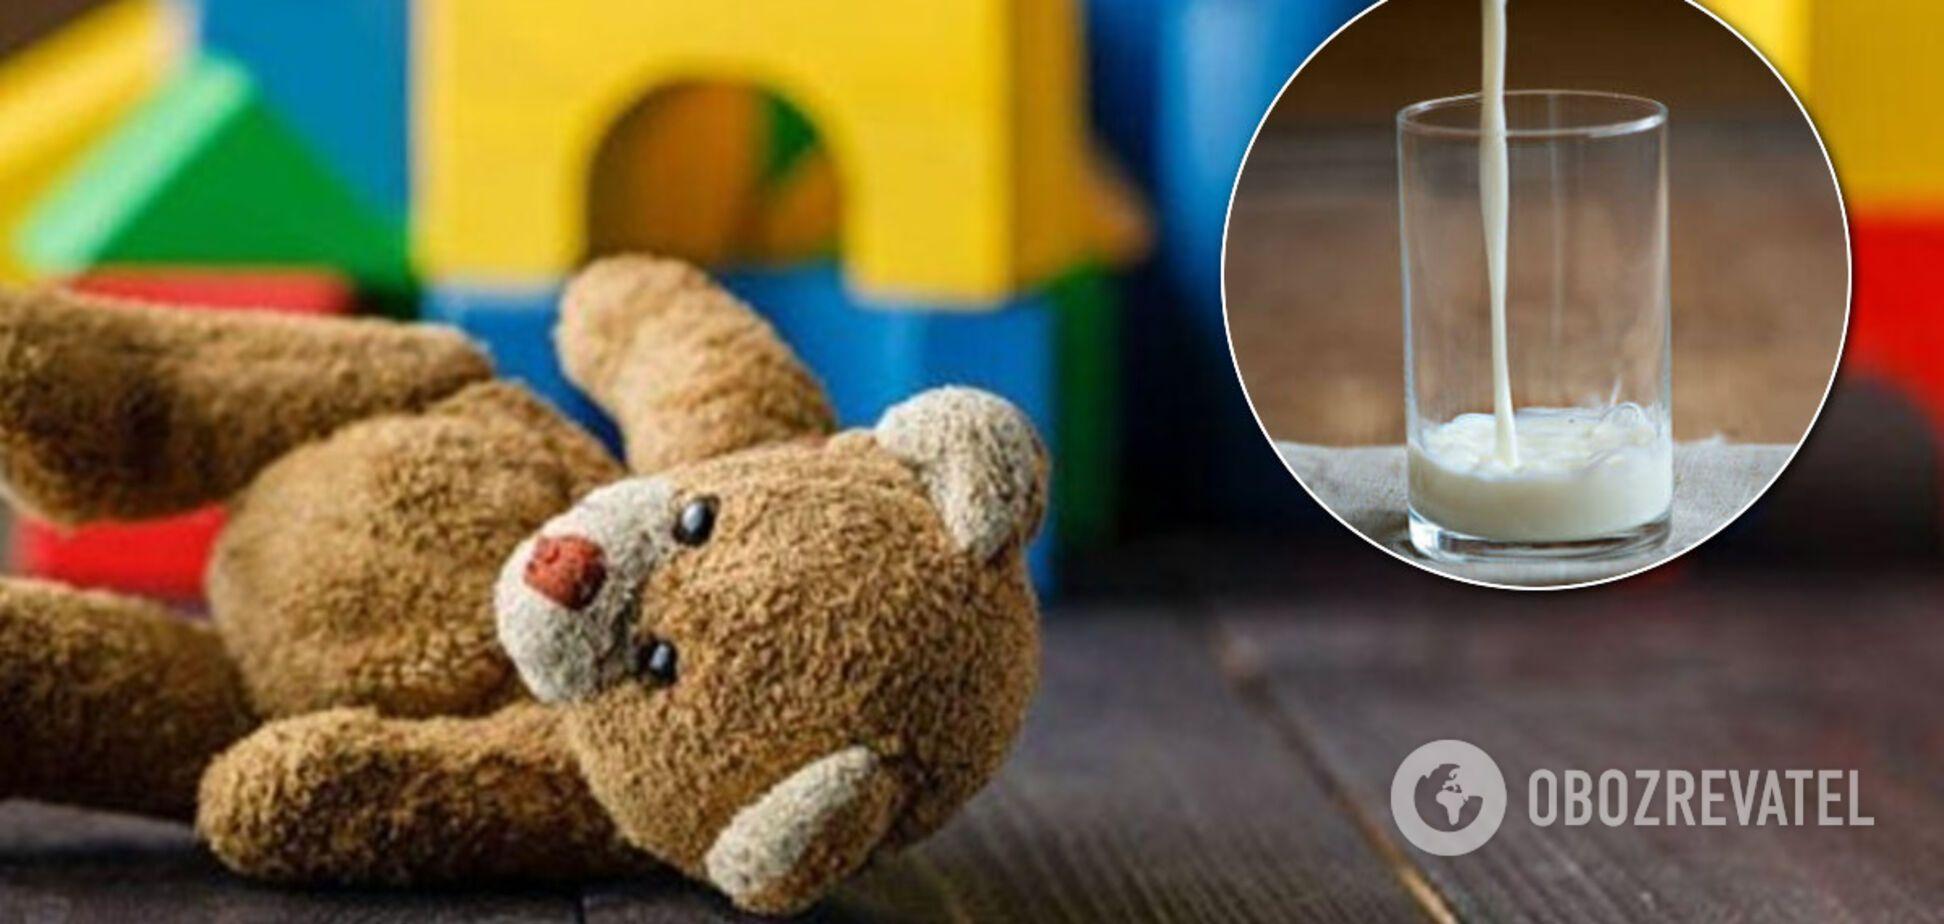 Минздрав обязали разобраться с питанием детей в детсадах: что известно